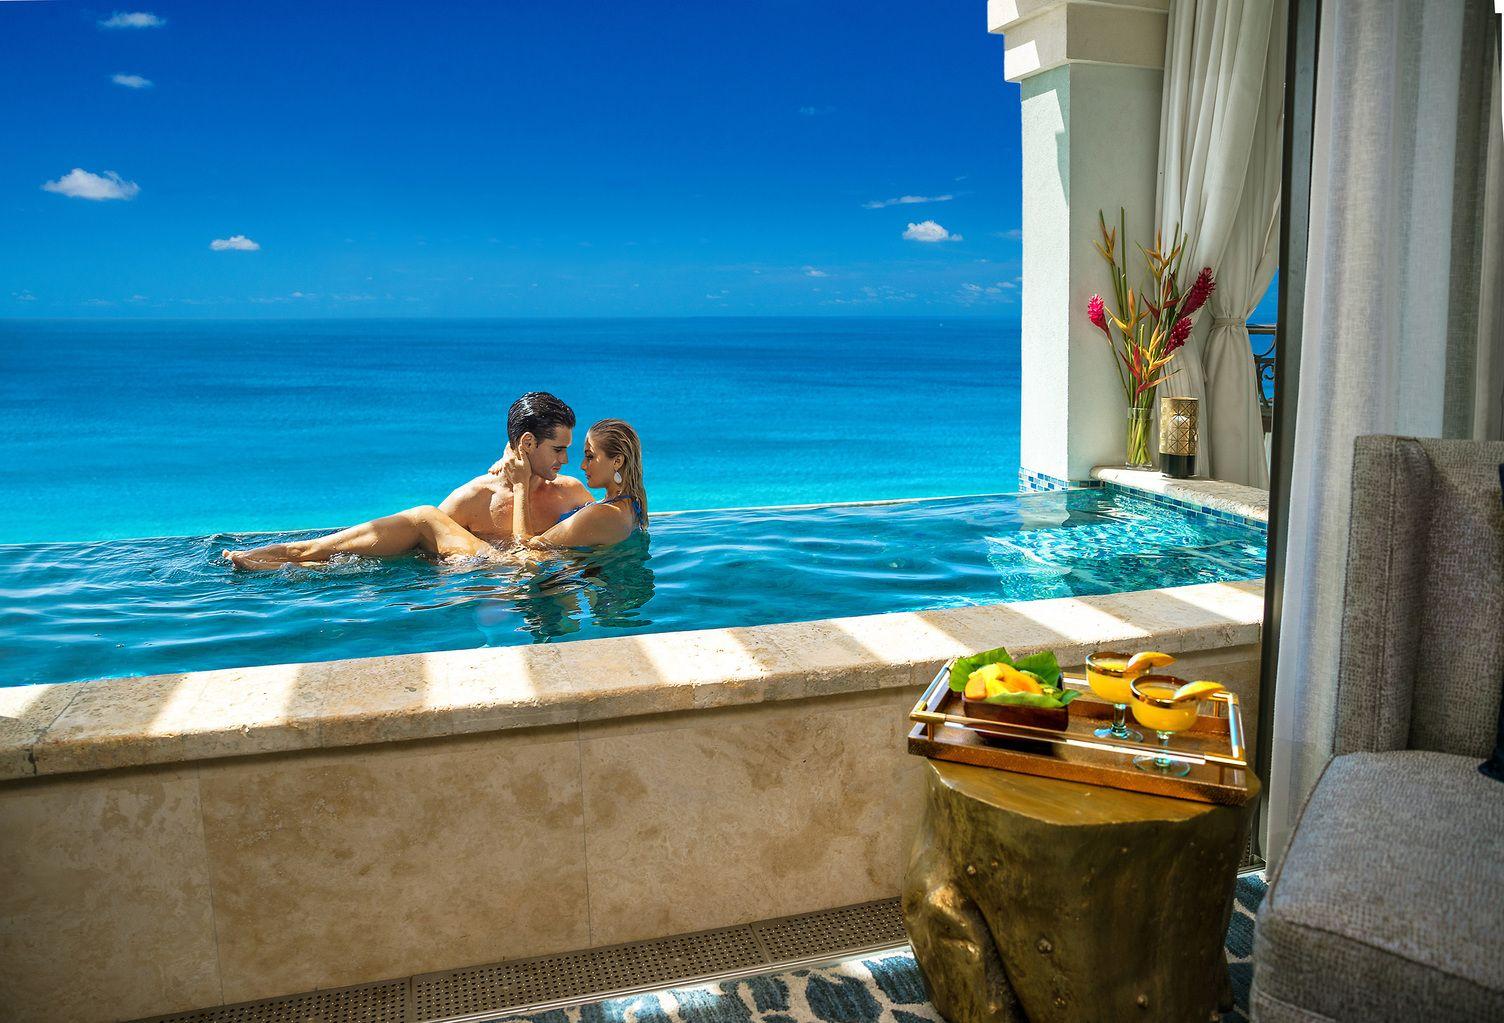 Paar in Infinity-Pool auf dem Balkon. Im Vordergrund ein Tablett mit Cocktails.